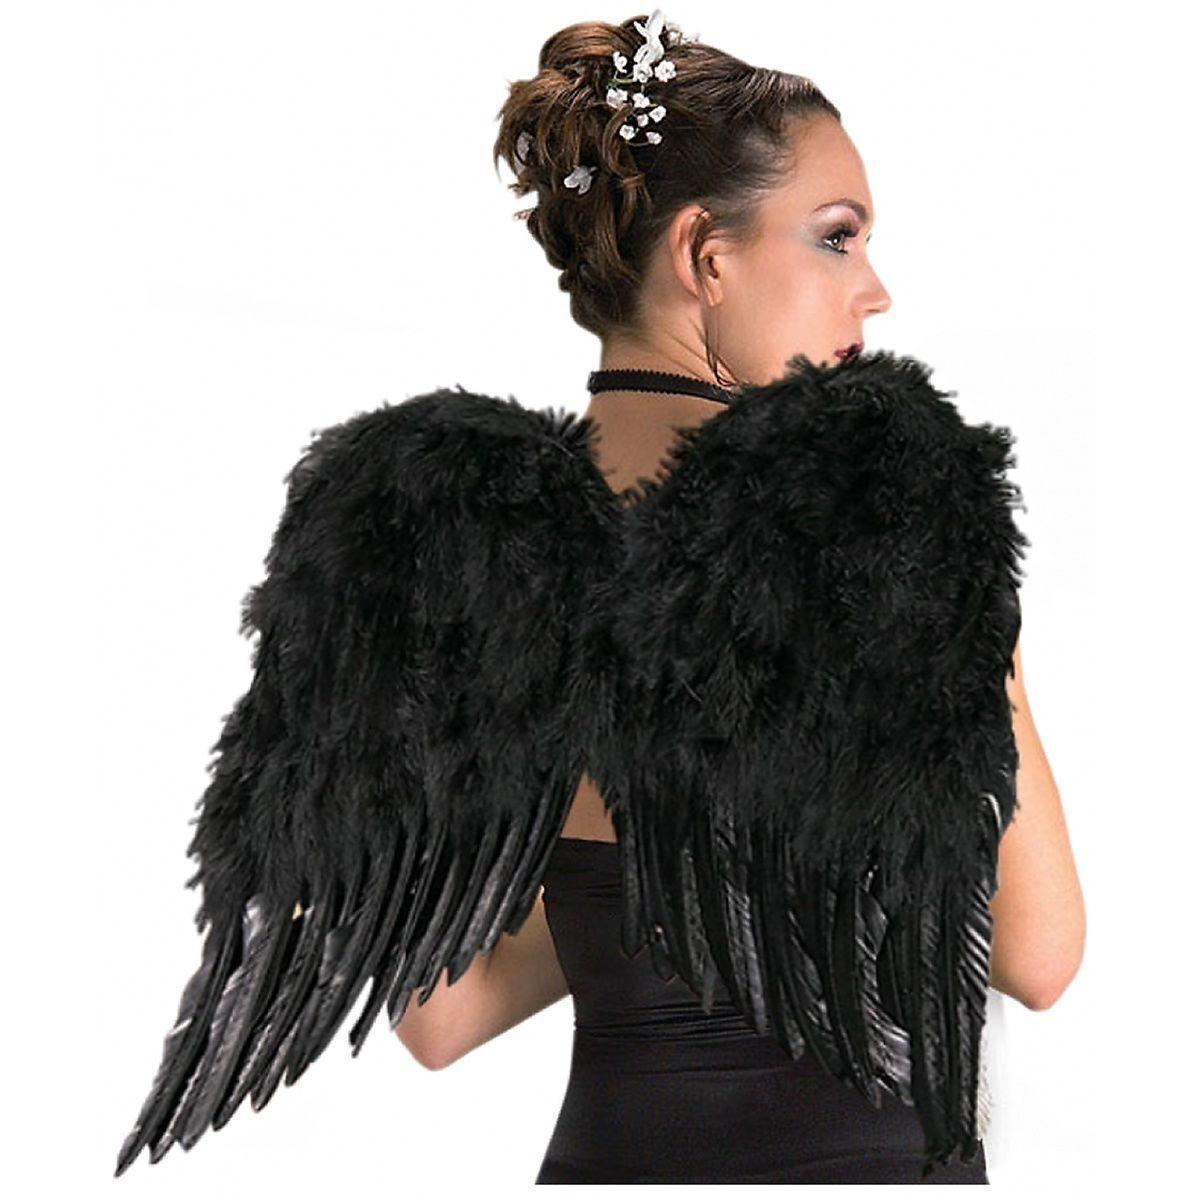 каждый картинка крылья из перьев проведен ряд экспериментов